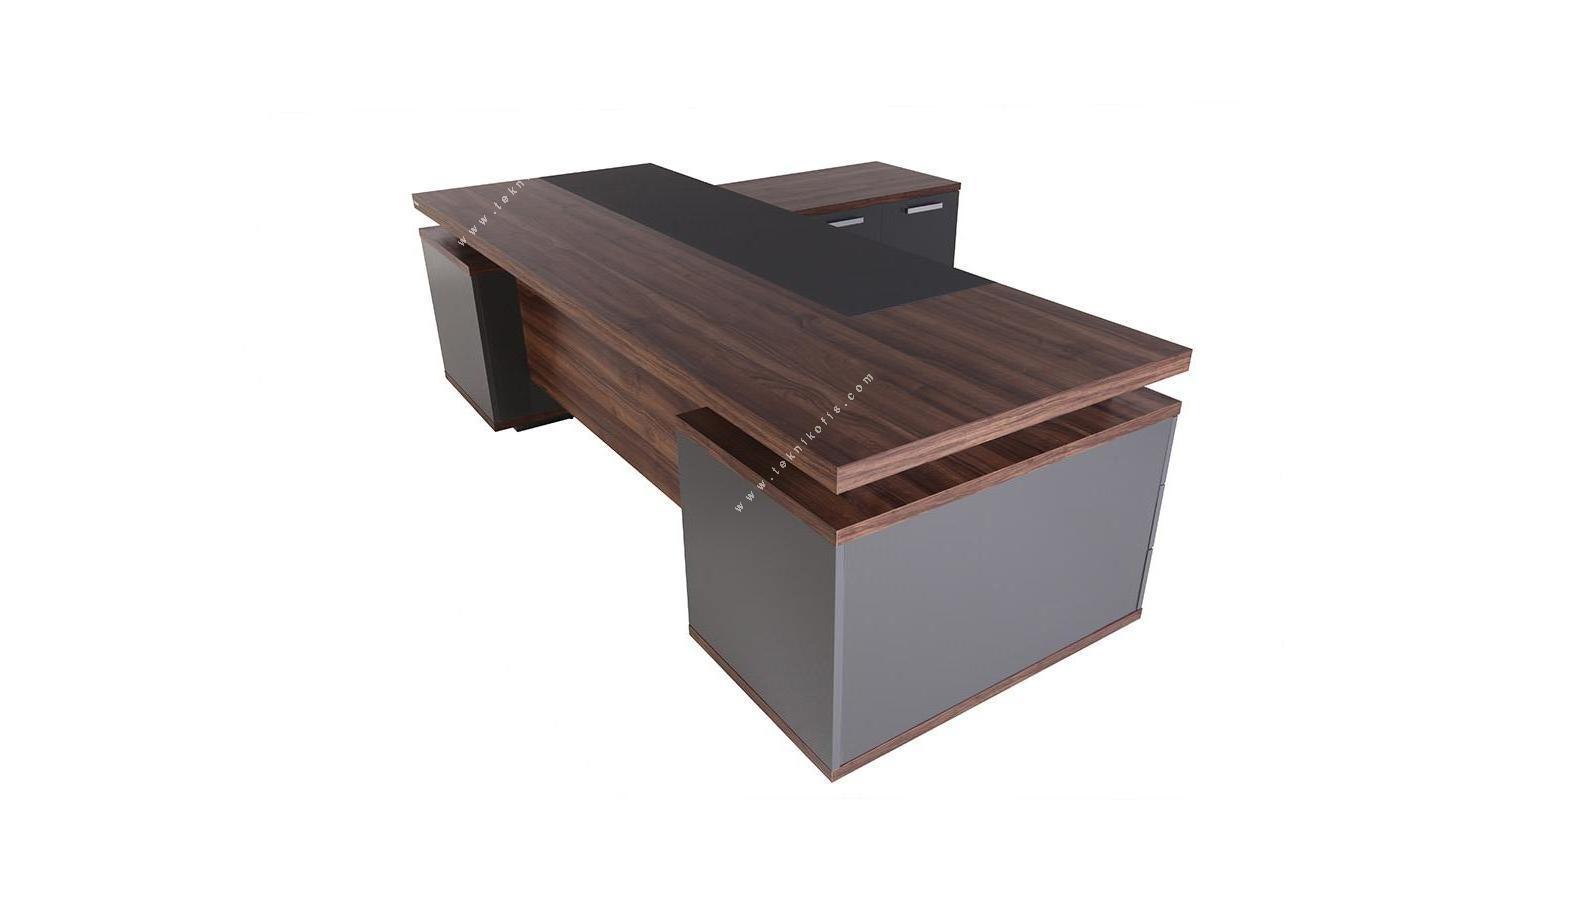 makron sağ etajerli makam masası 240cm